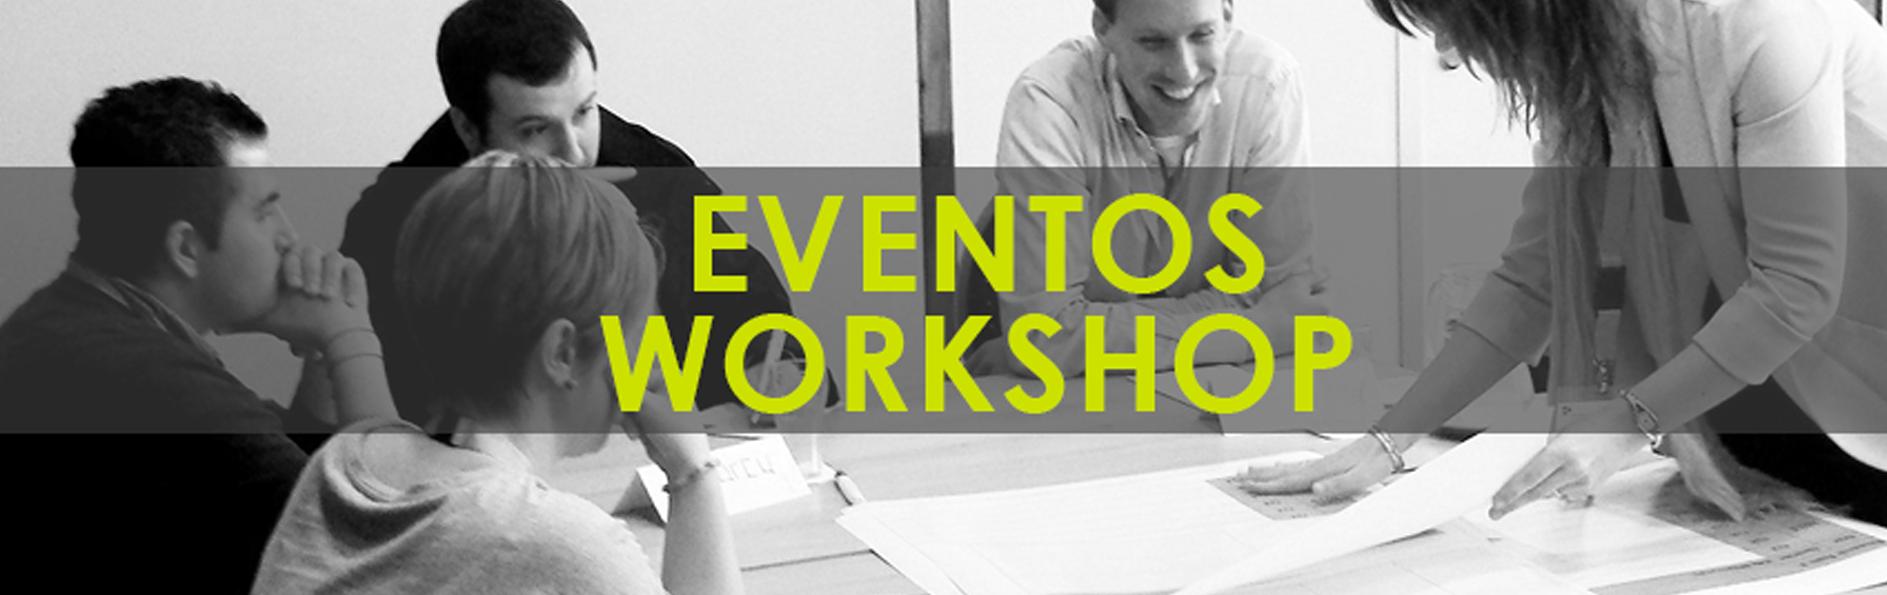 Eventos Workshop | Creando branding y retorno en Tenerife